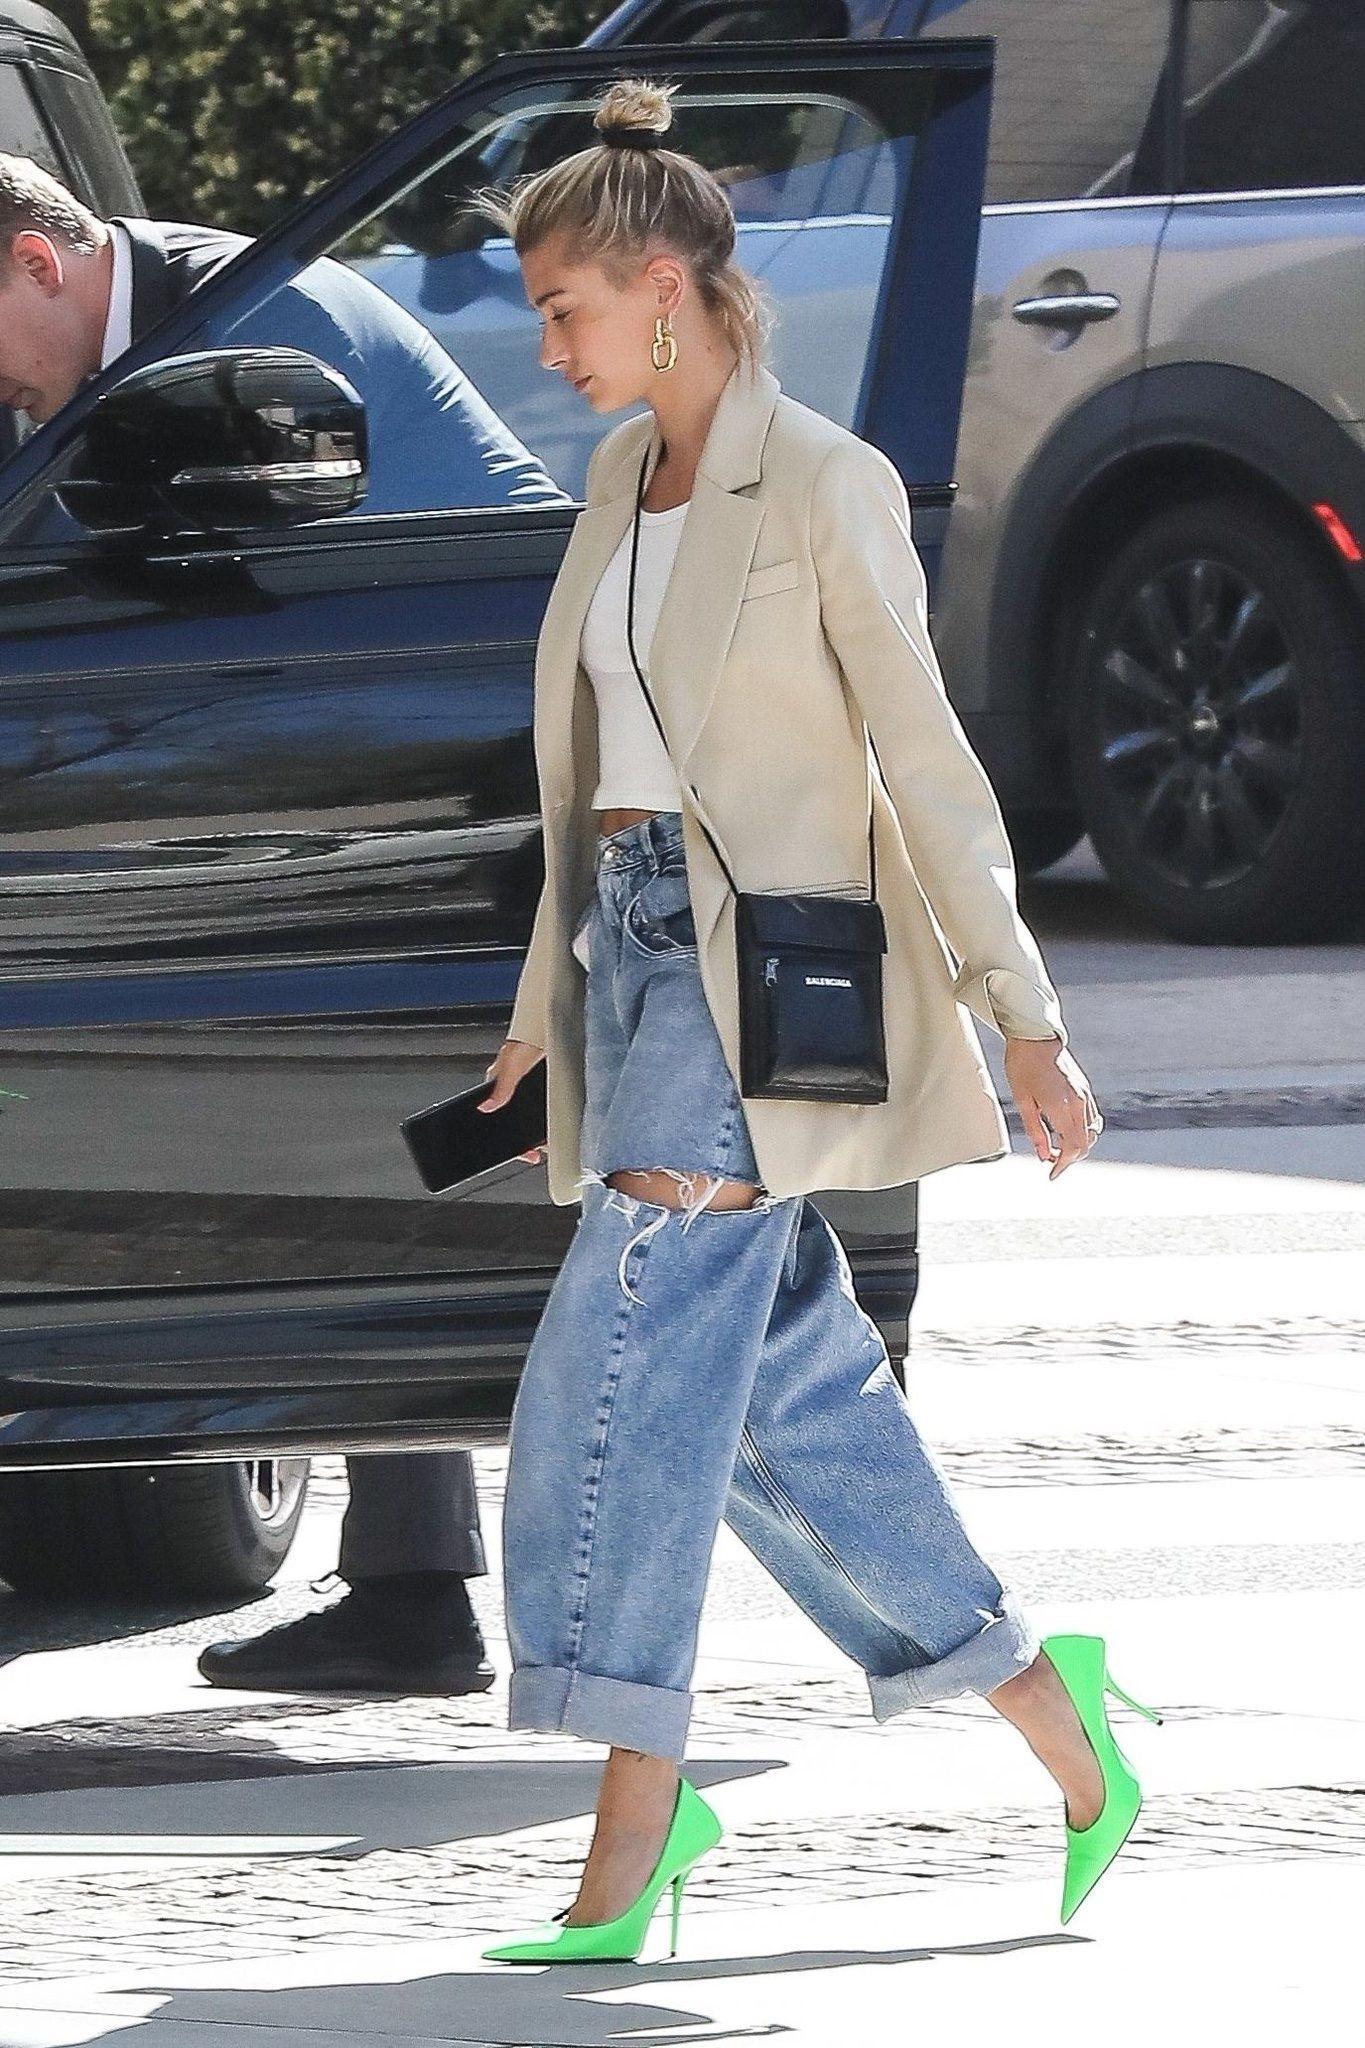 Hailey Bieber mặc quần jeans rách, áo blazer và mang giày cao gót xanh neon